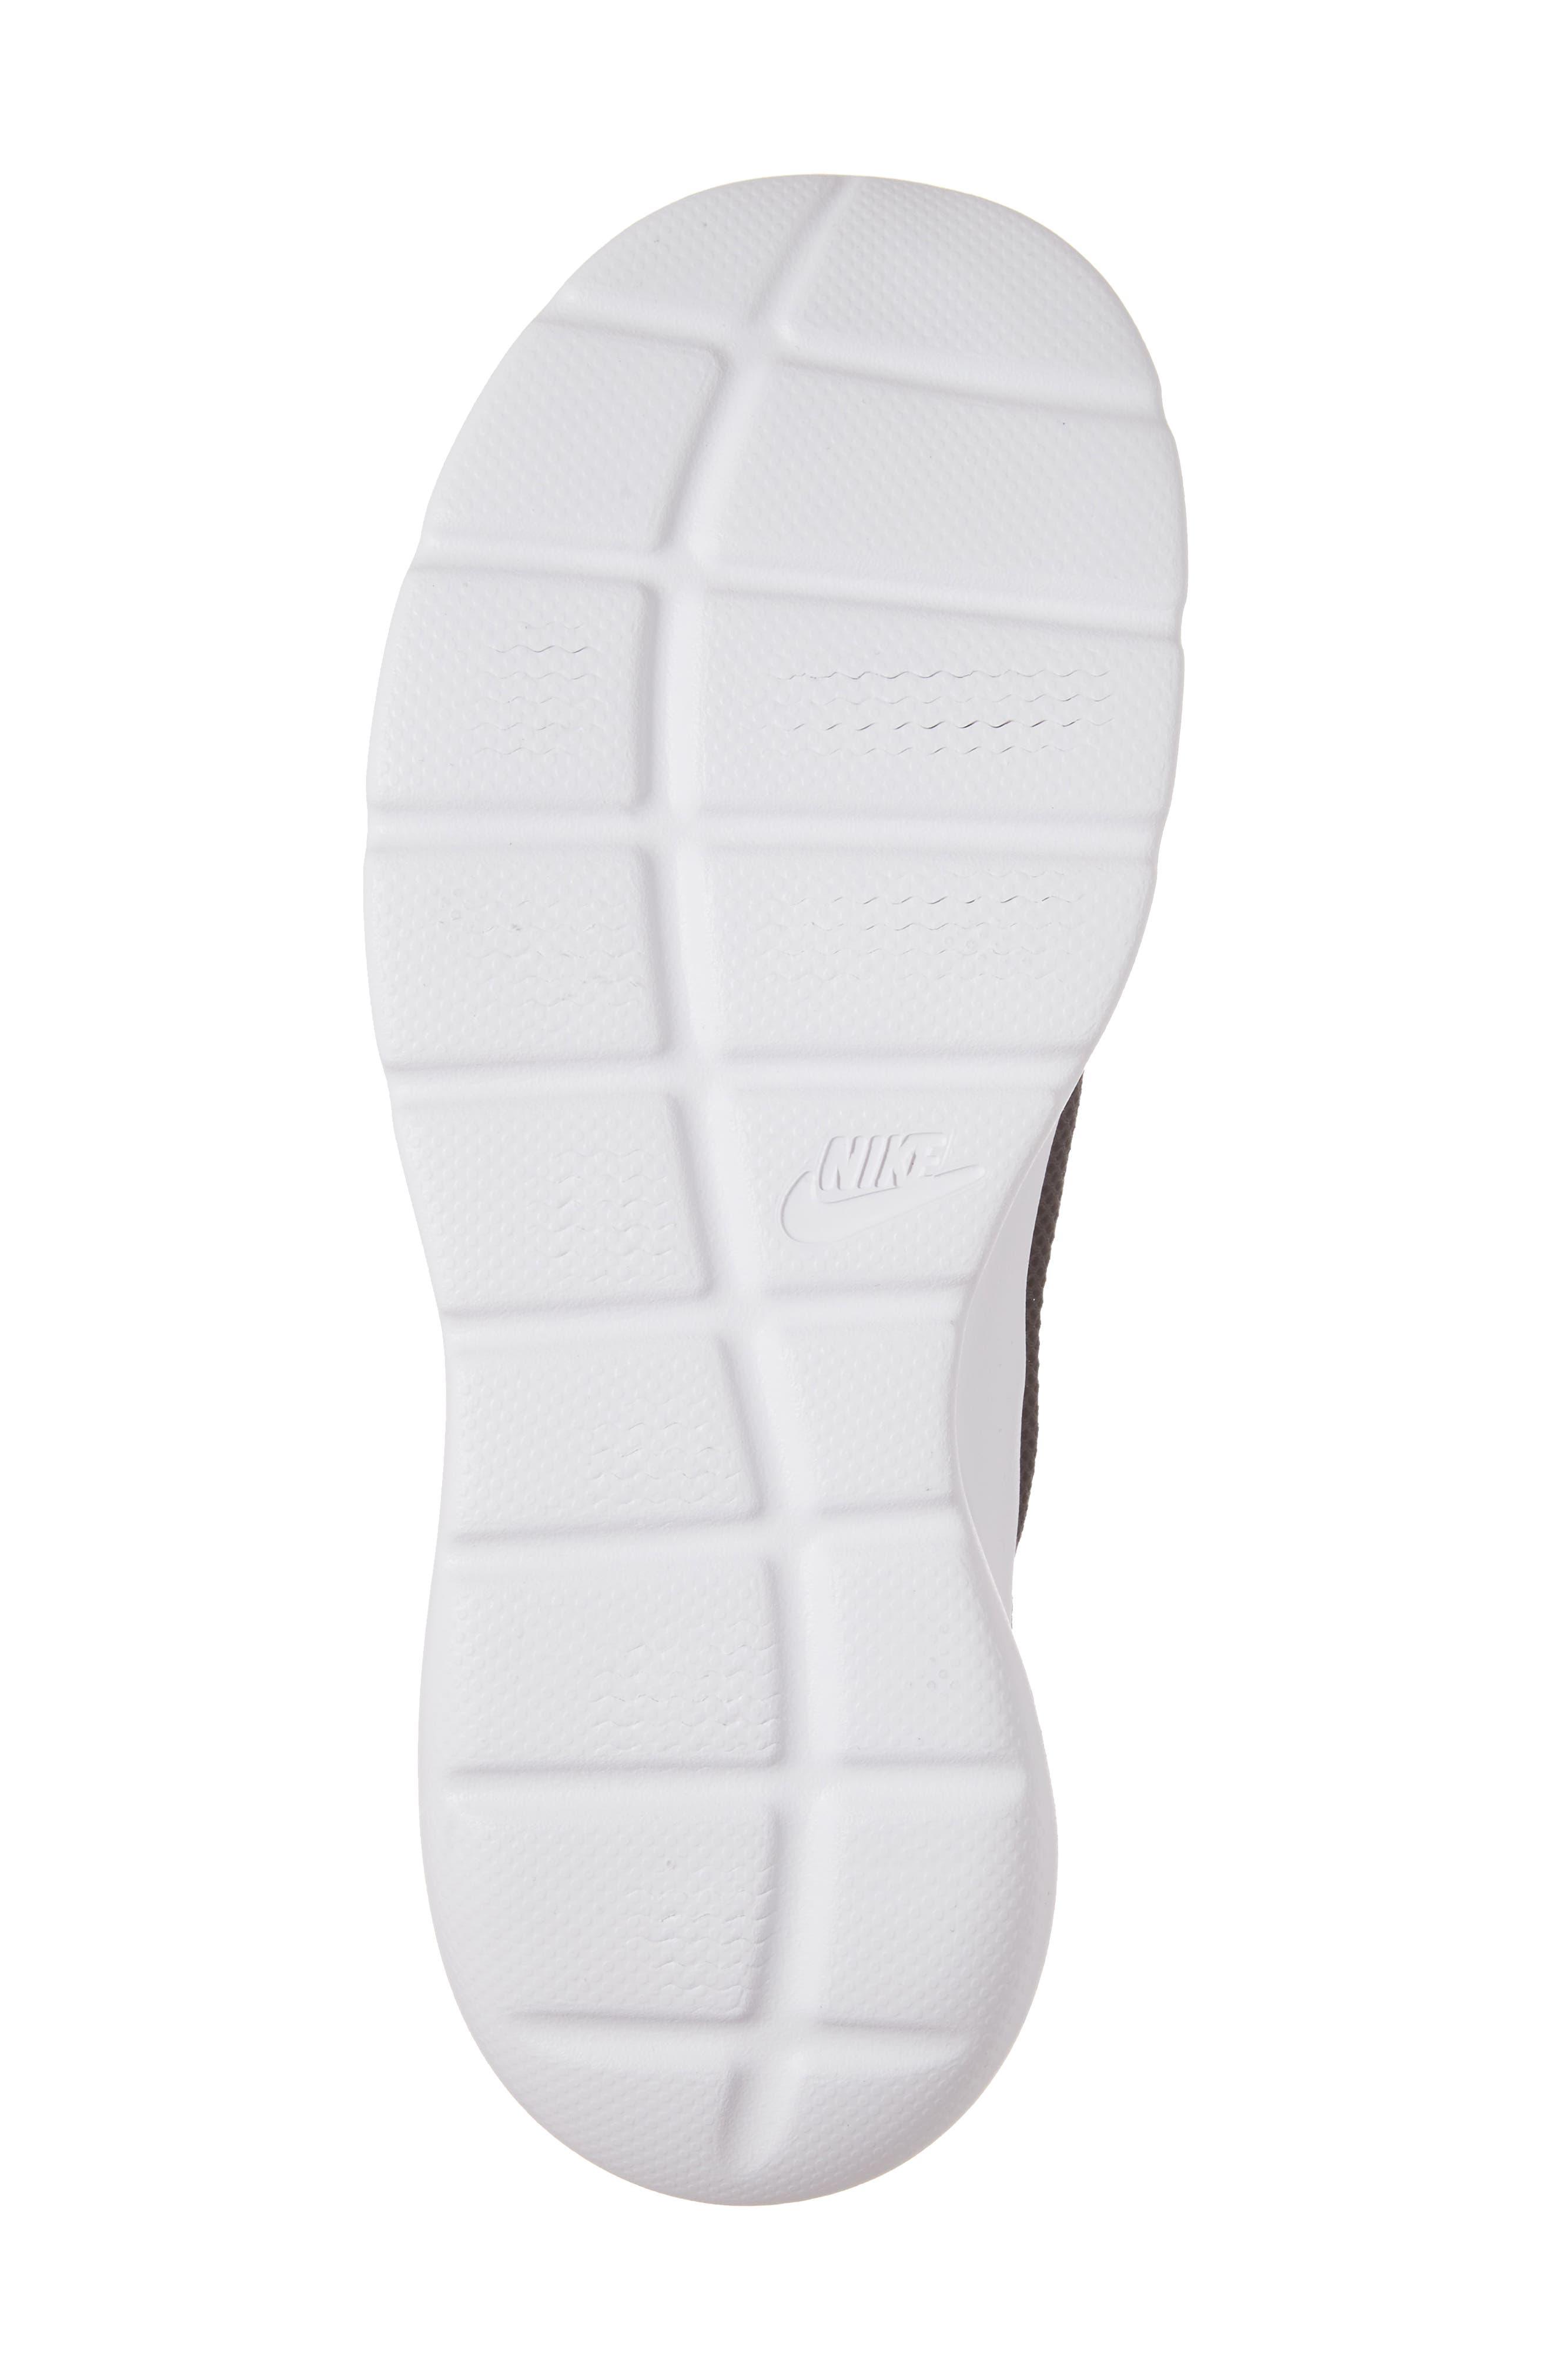 Aptare Slip-On Mesh Sneaker,                             Alternate thumbnail 6, color,                             002